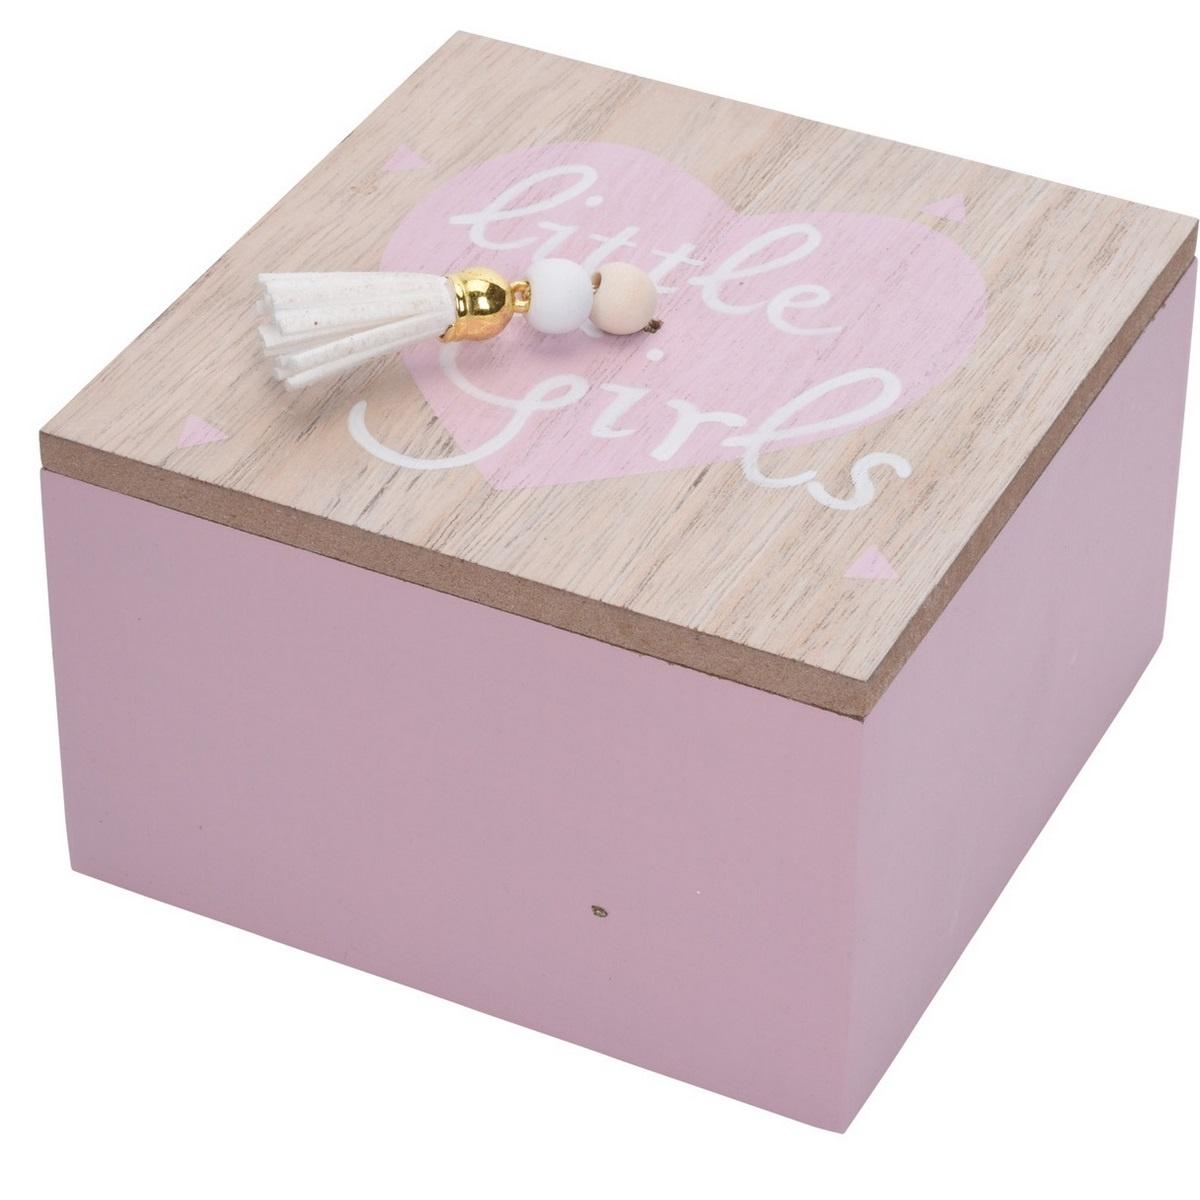 Dekoračný box Nadia ružová, 12 x 12 x 7 cm